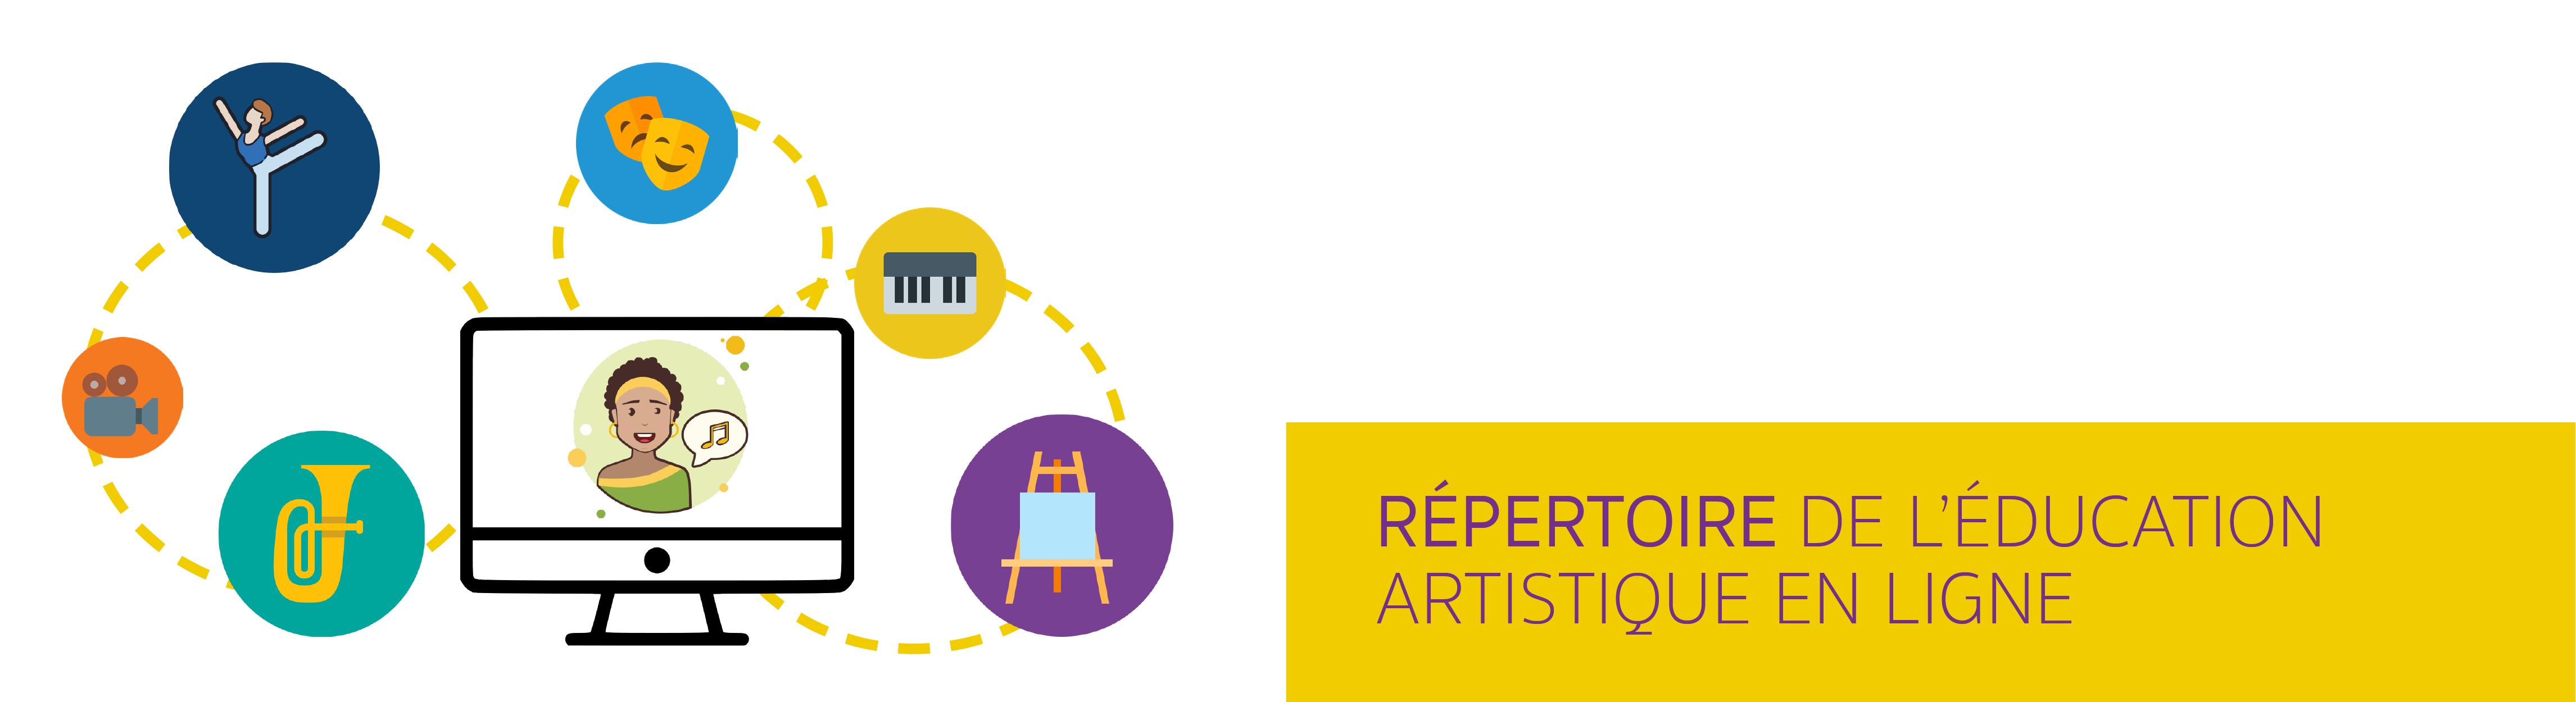 Répertoire de l'éducation artistique en ligne